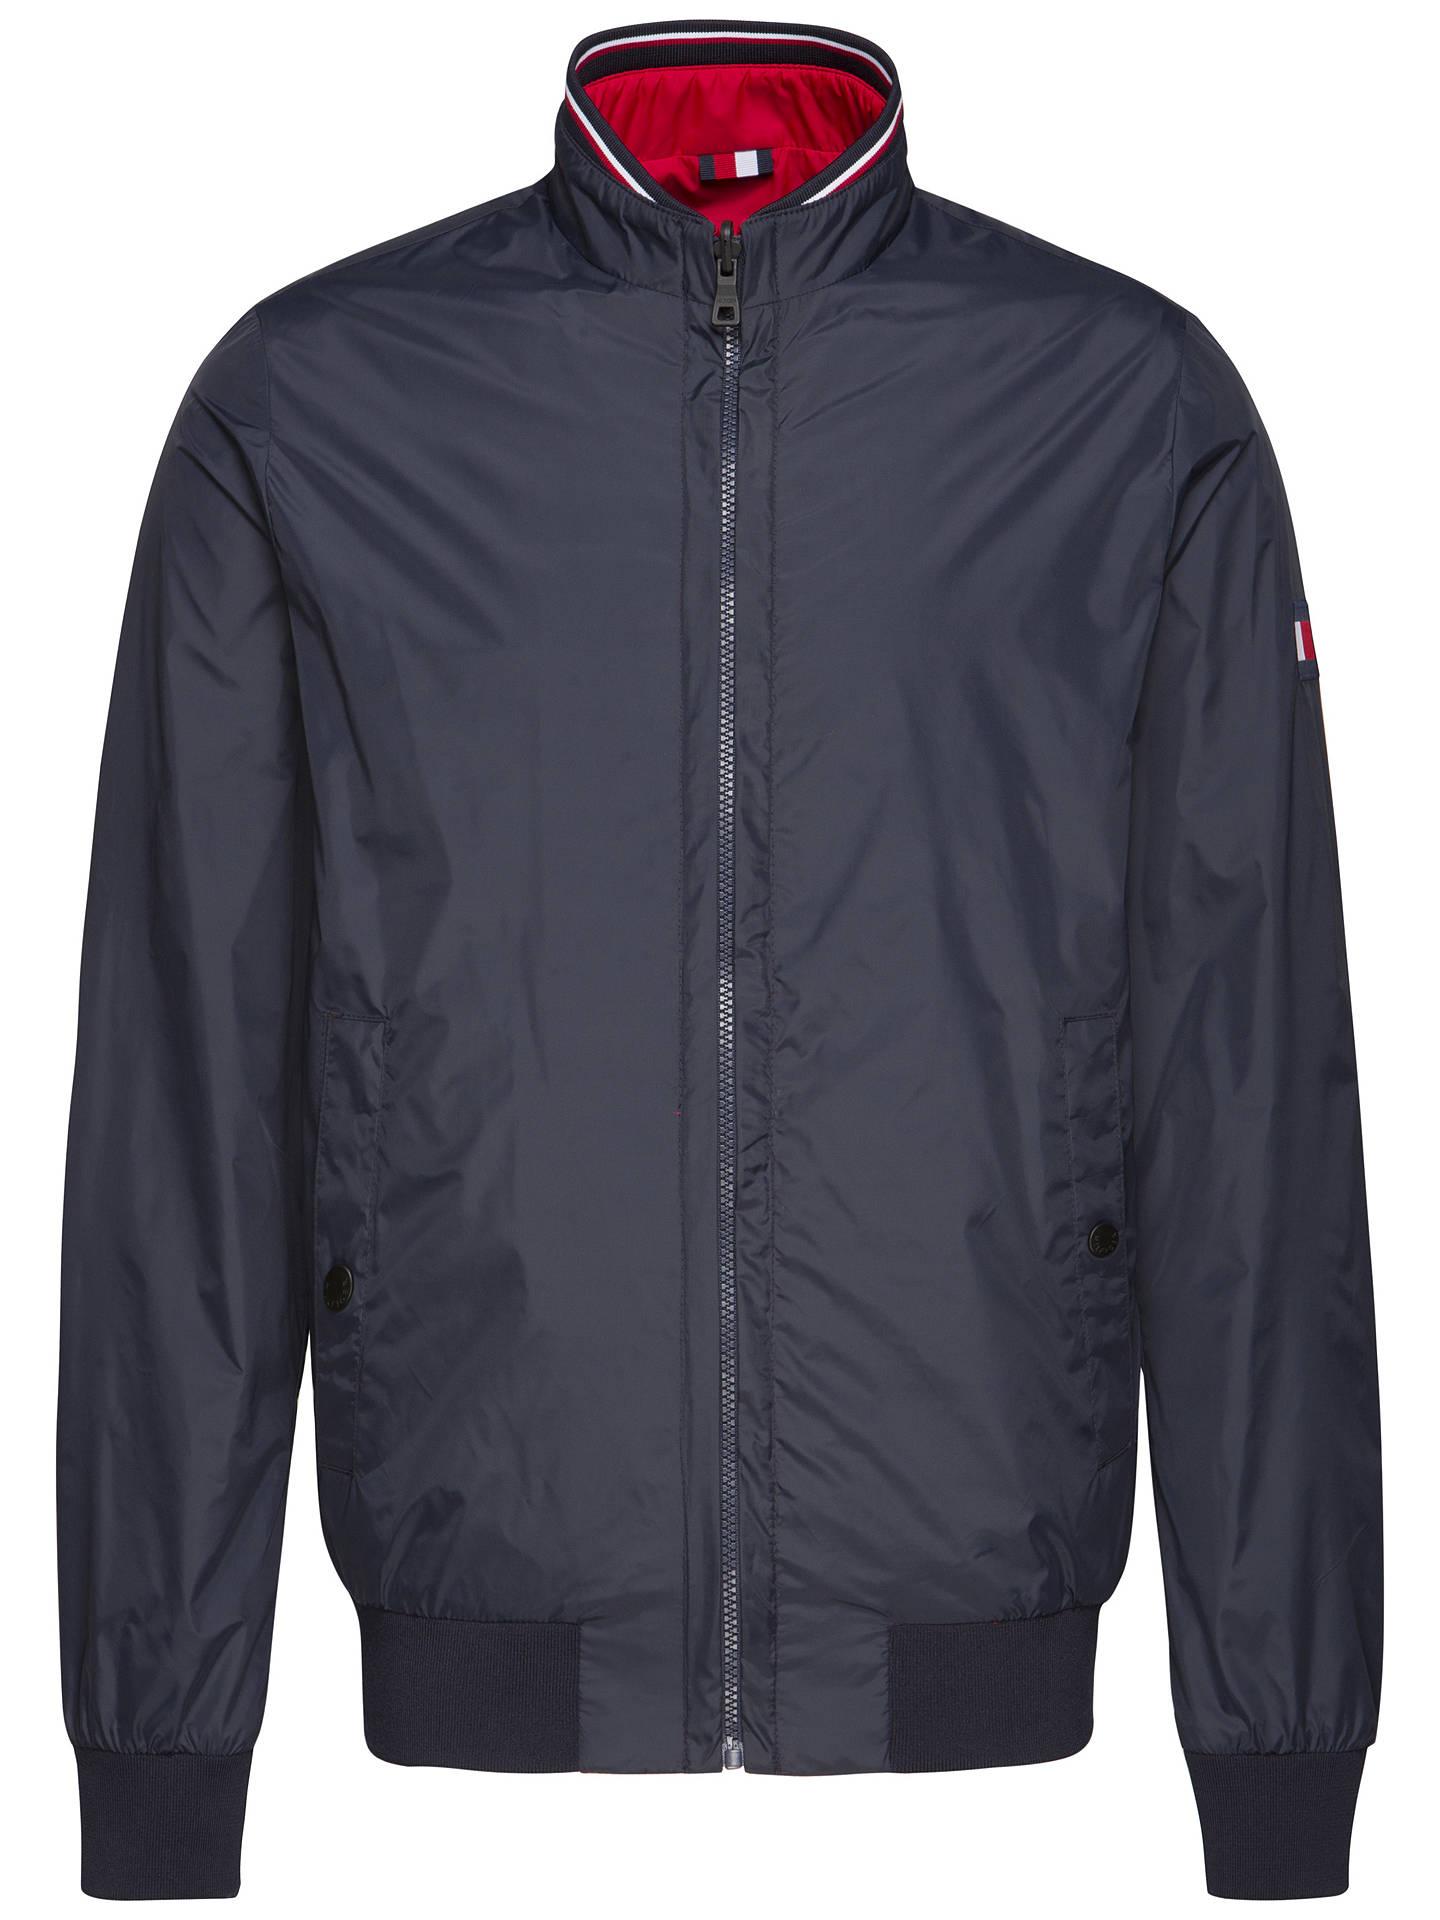 a0661d0f Buy Tommy Hilfiger Reversible Bomber Jacket, Blue, M Online at  johnlewis.com ...